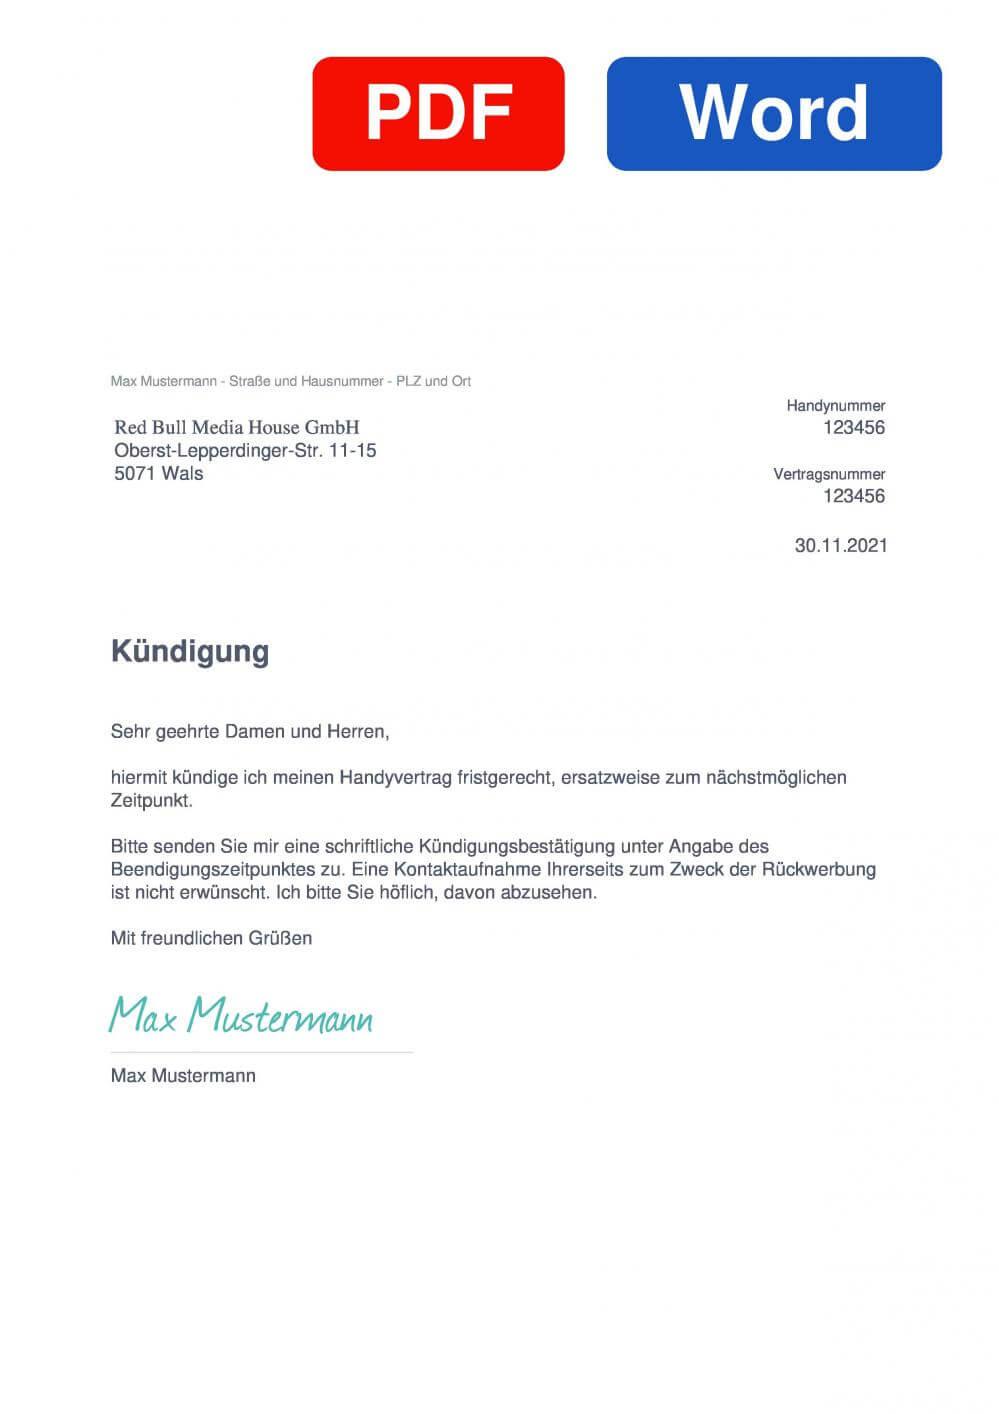 Red Bull MOBILE Muster Vorlage für Kündigungsschreiben